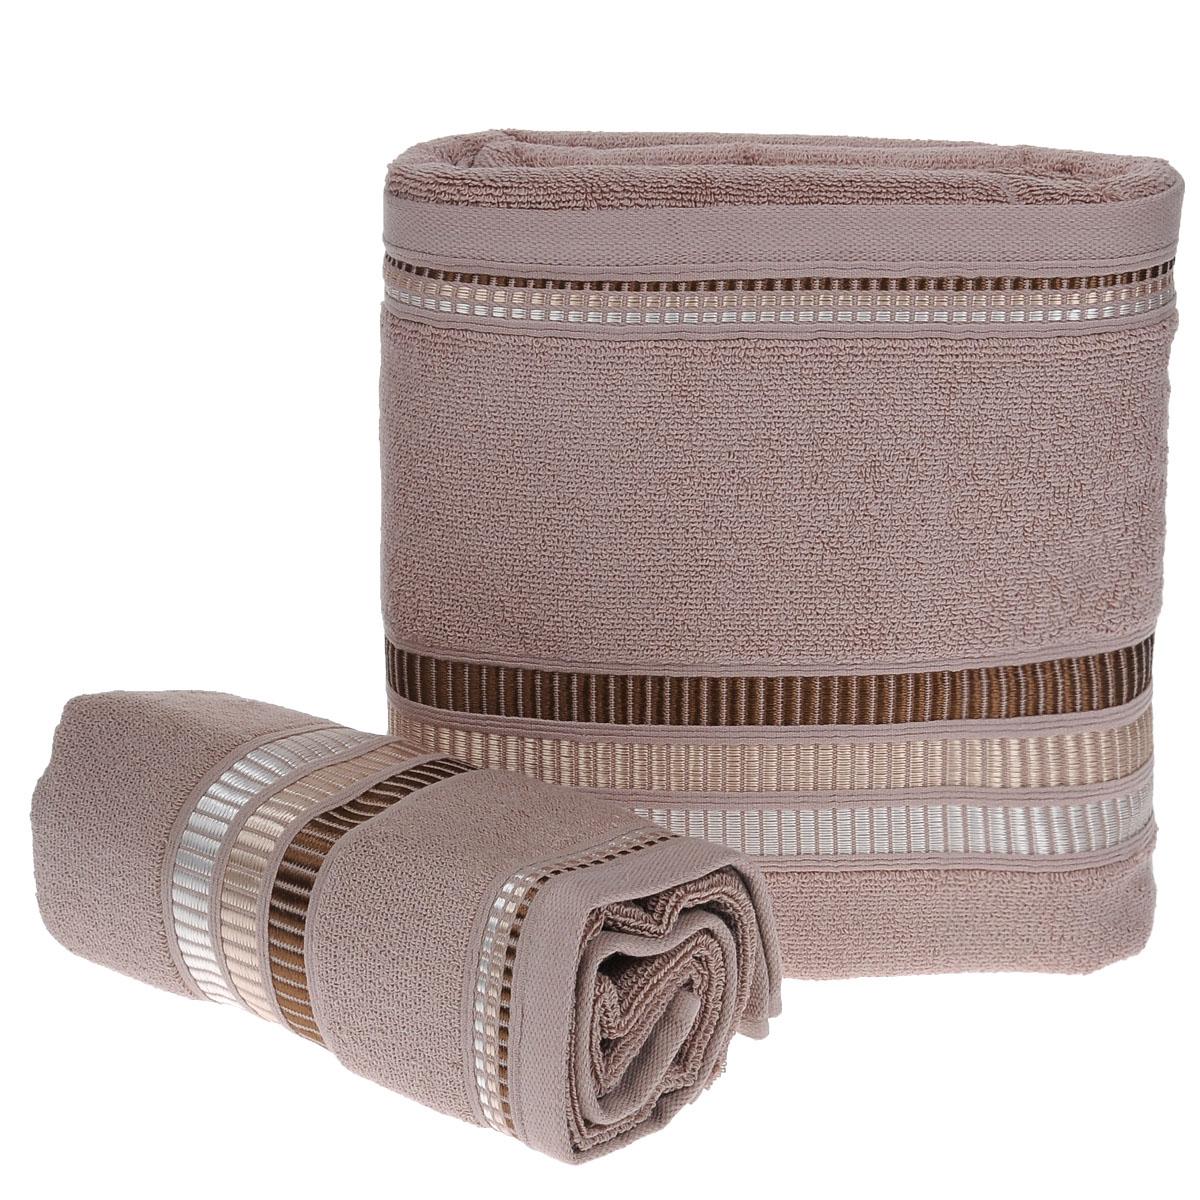 Набор махровых полотенец Coronet Пиано, цвет: коричневый, 2 шт. Б-МП-2020-15-10-кБ-МП-2020-15-10-кПодарочный набор Coronet Пиано состоит из двух полотенец разного размера, выполненных из натуральной махровой ткани. Полотенца украшены изящным декоративным теснением. Мягкие и уютные, они прекрасно впитывают влагу и легко стираются. Такой набор подарит вам мягкость и необыкновенный комфорт в использовании. Благодаря высокому качеству изготовления, полотенце будет радовать многие годы. Полотенца упакованы в подарочную коробку и станут приятным и полезным подарком вашим друзьям и близким. Комплектация: 2 шт. Плотность полотенец 550 г/м.